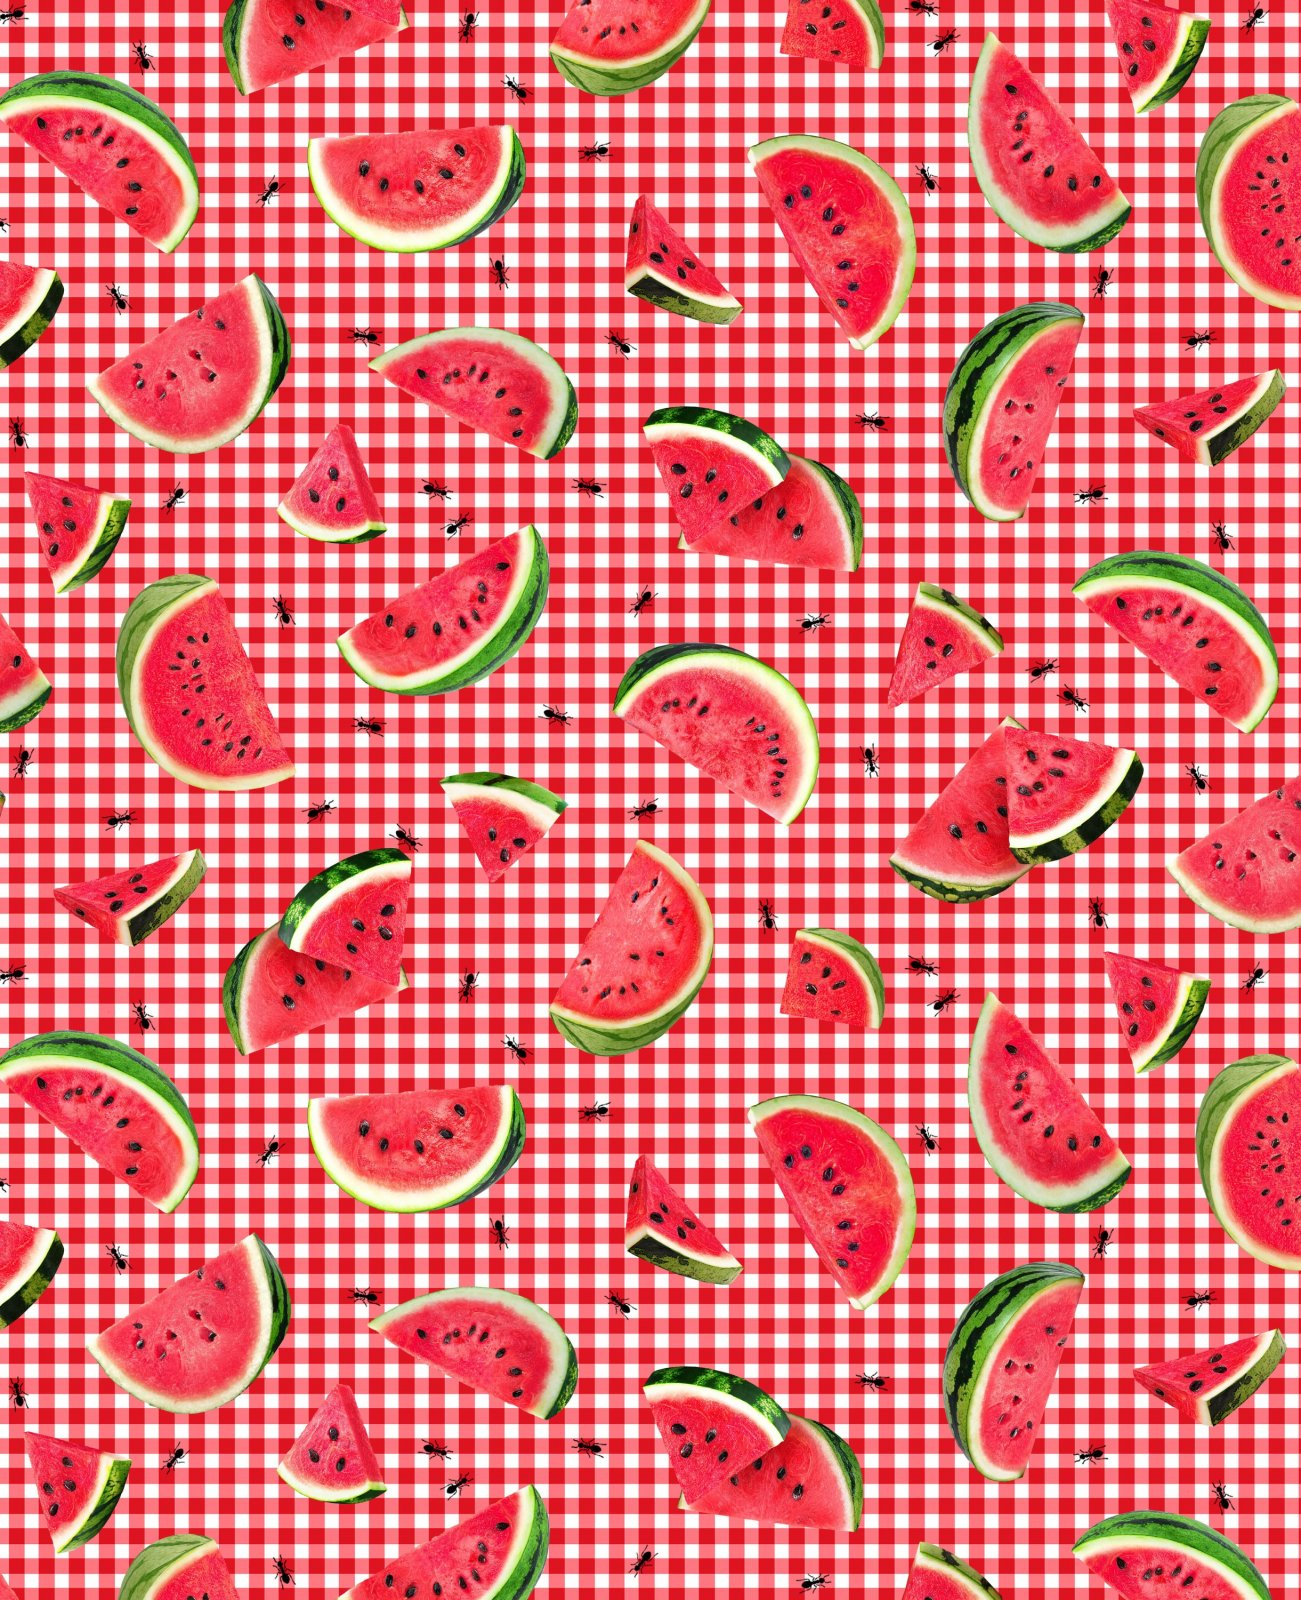 Ants & Watermelon Slices C7963